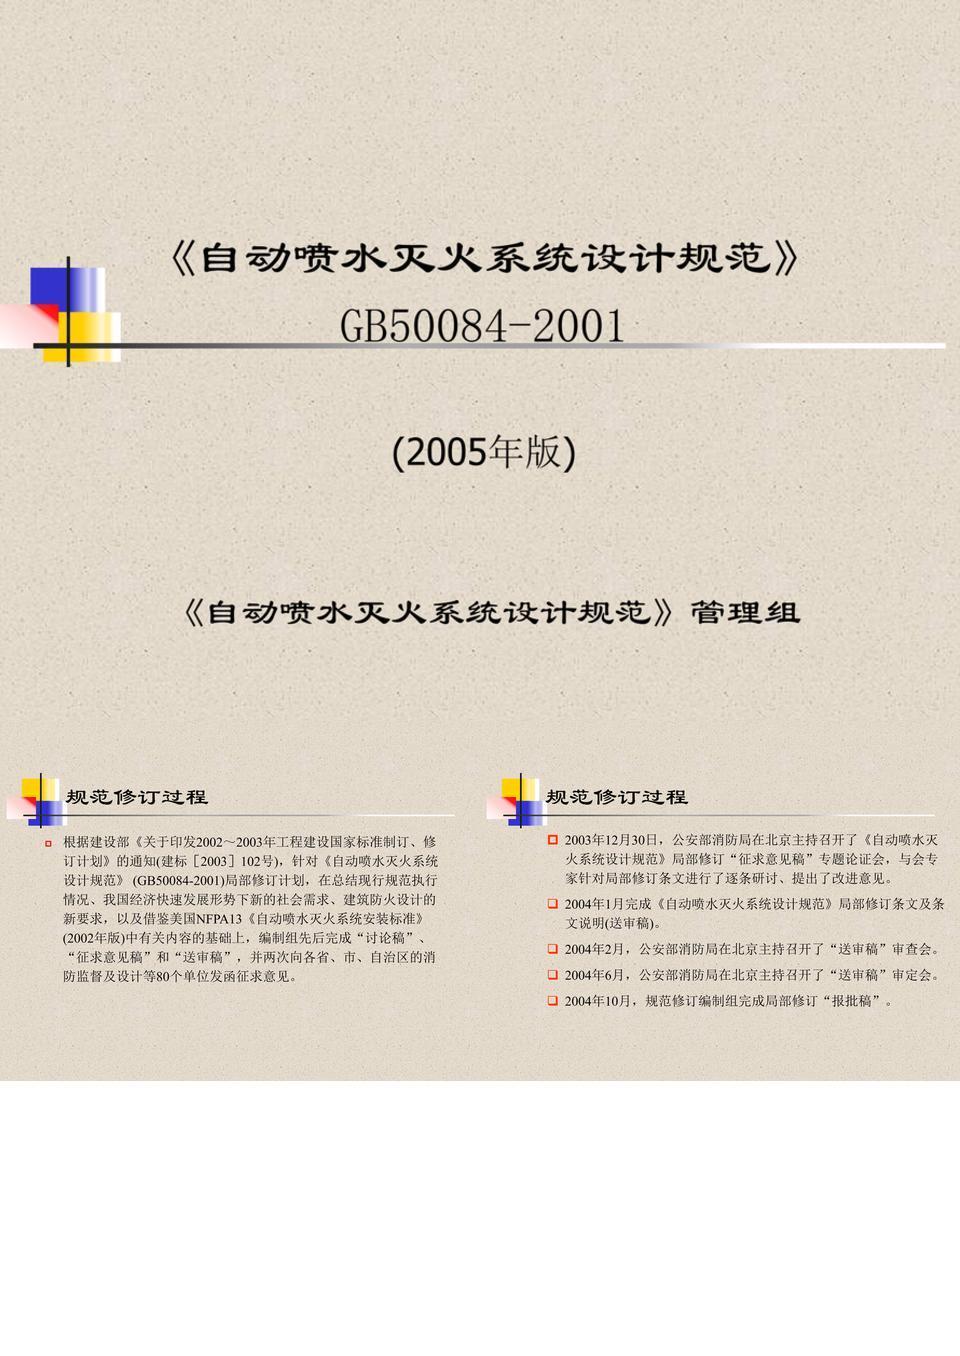 《自动喷水灭火系统设计规范》.ppt